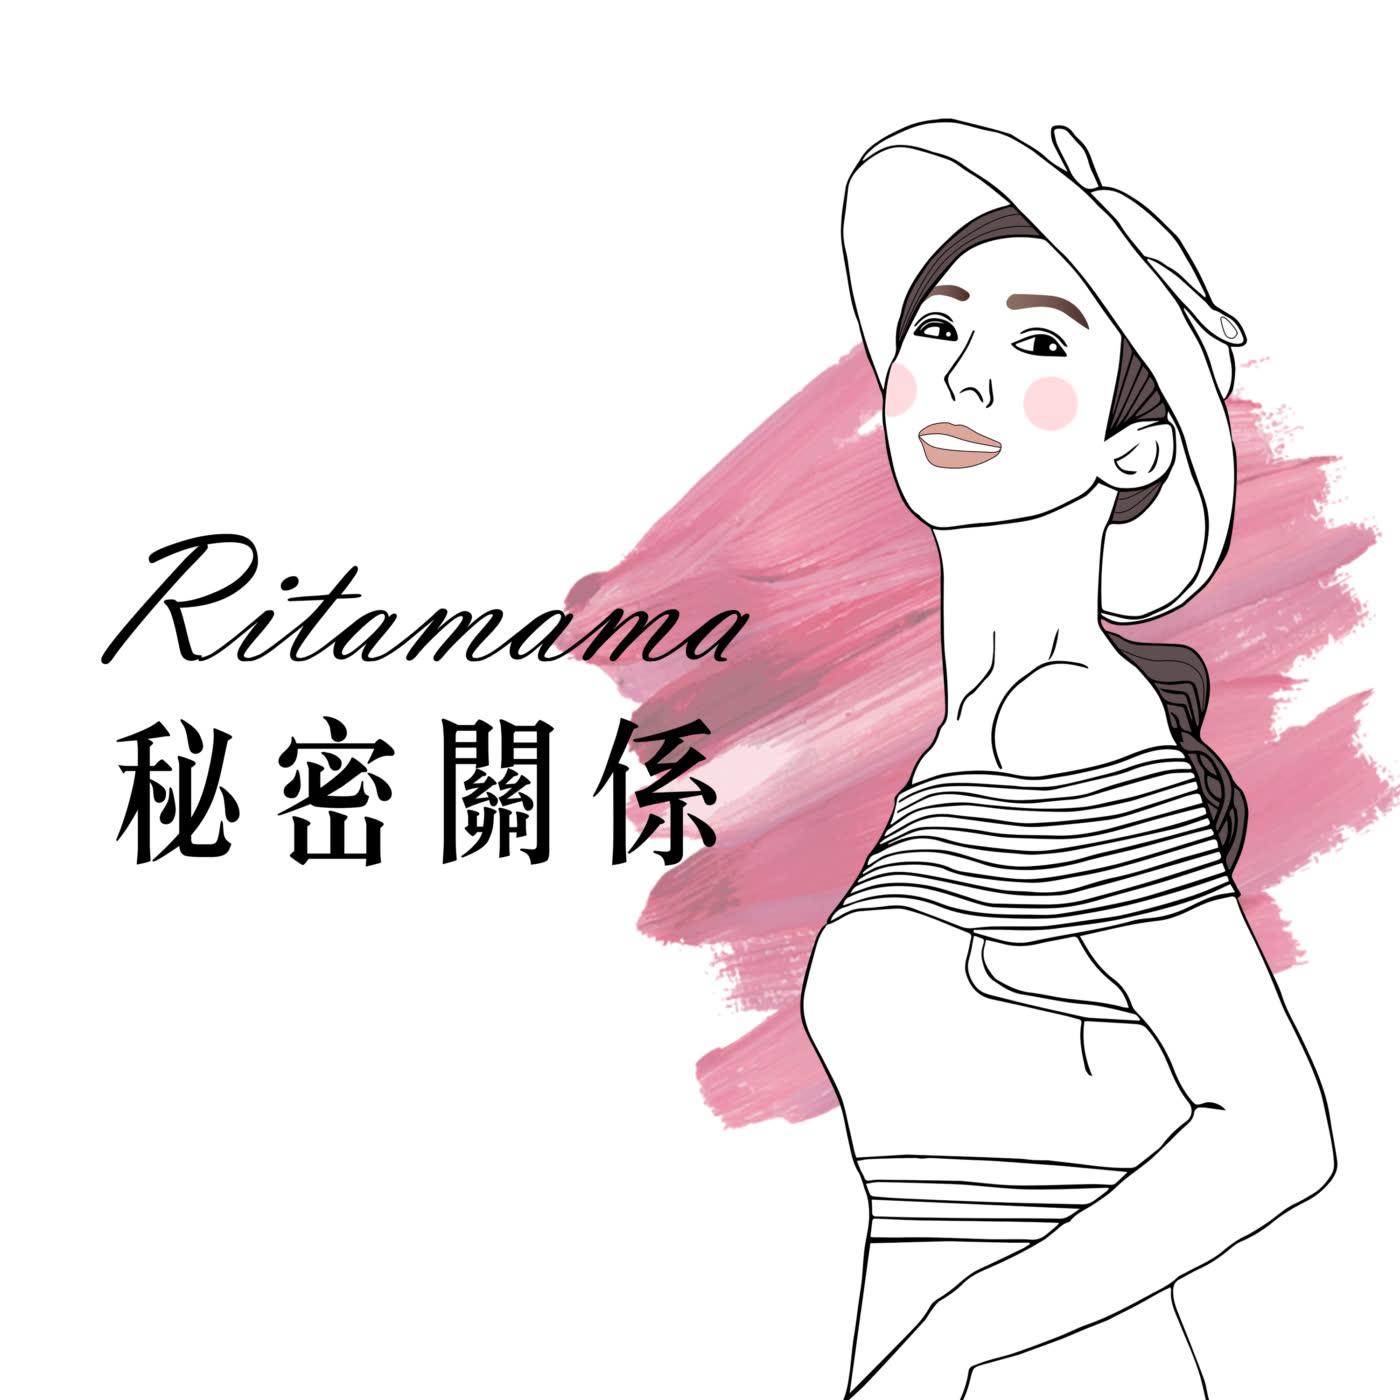 Ritamama秘密  關係